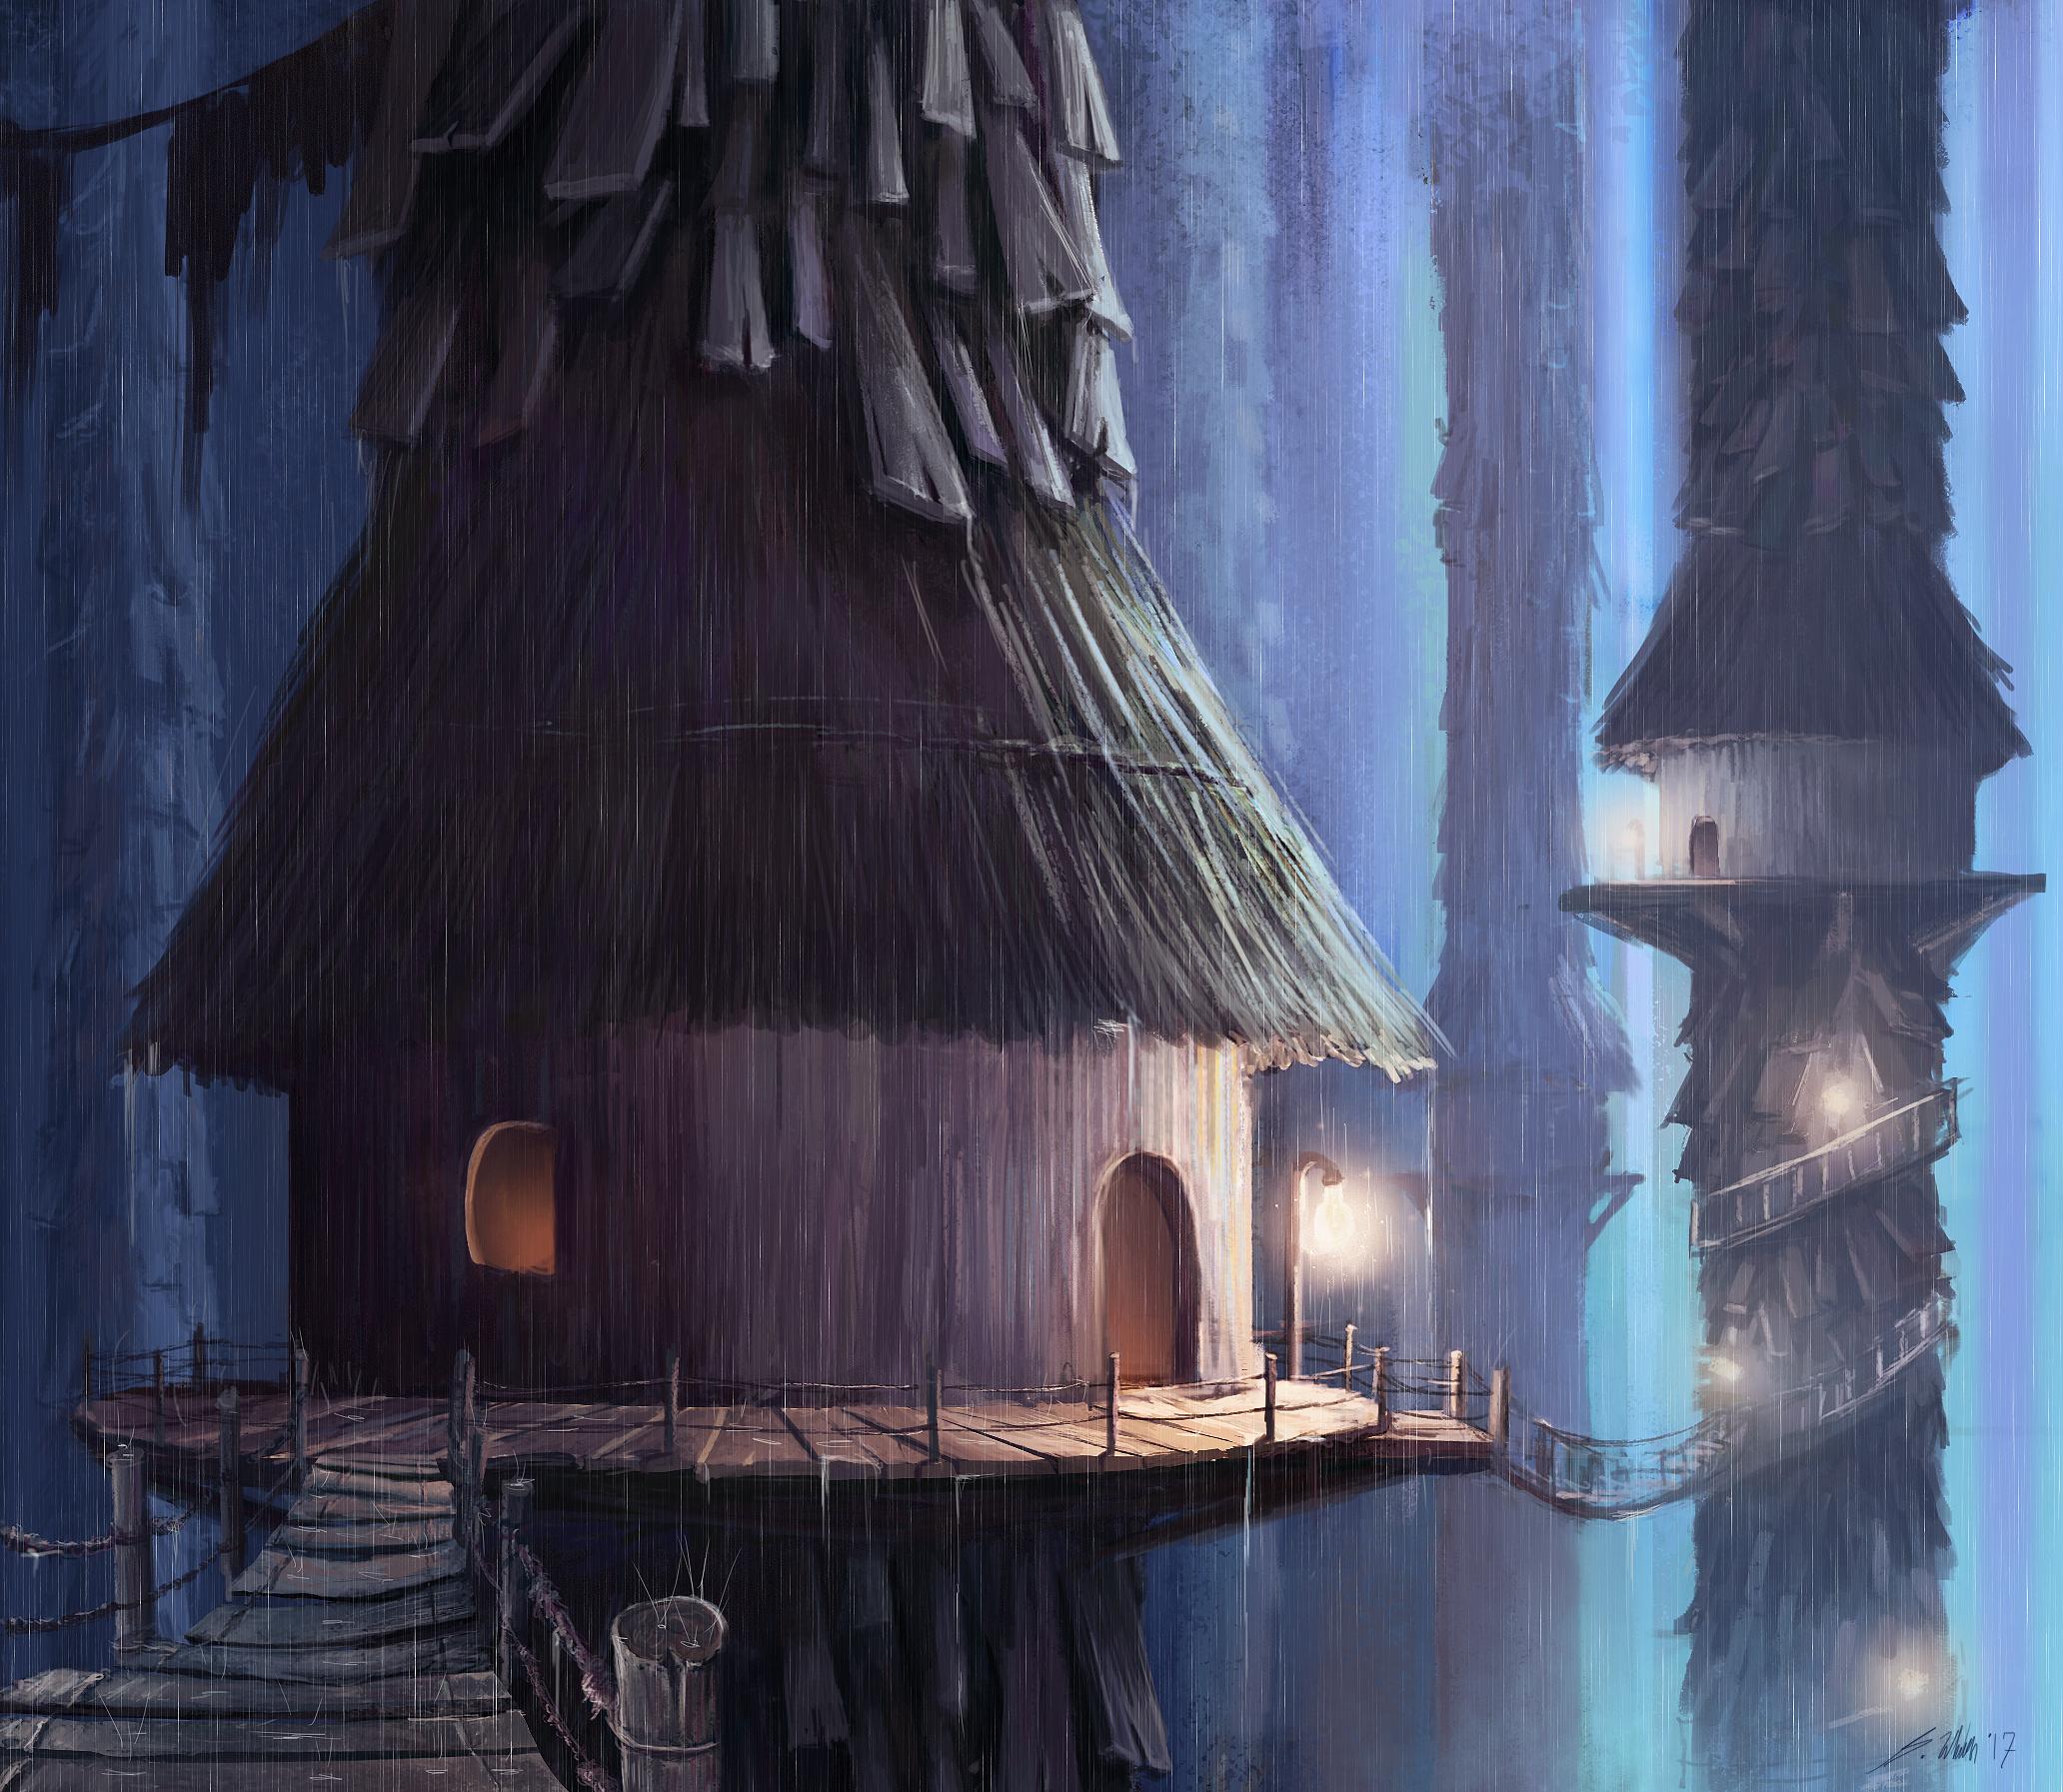 Hut Hut